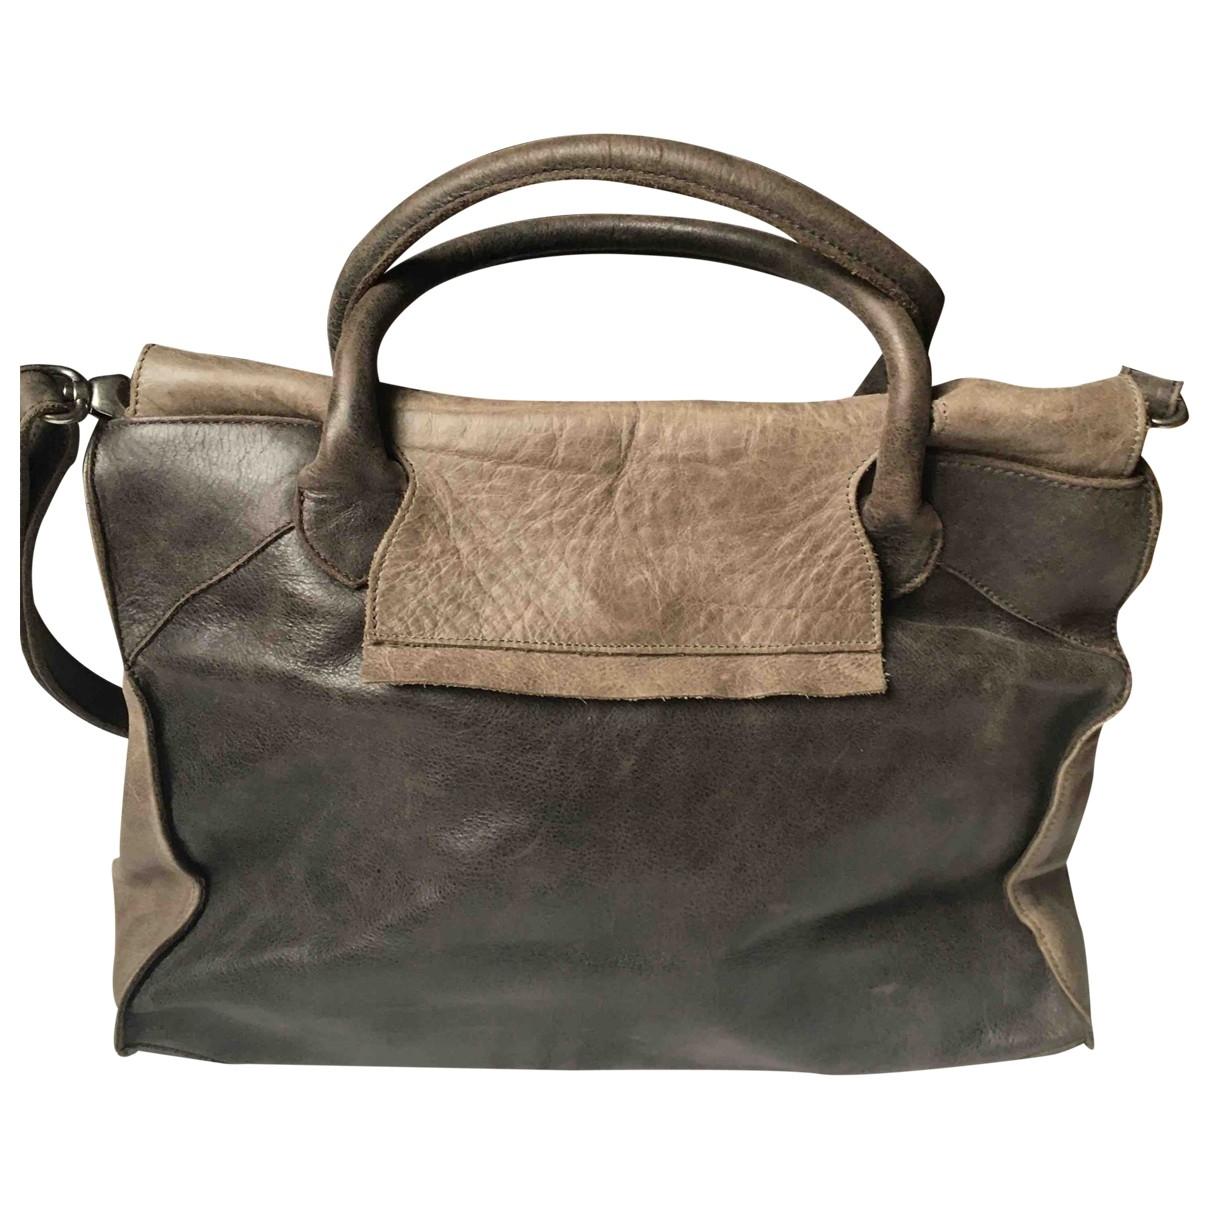 Aridza Bross \N Anthracite Leather handbag for Women \N